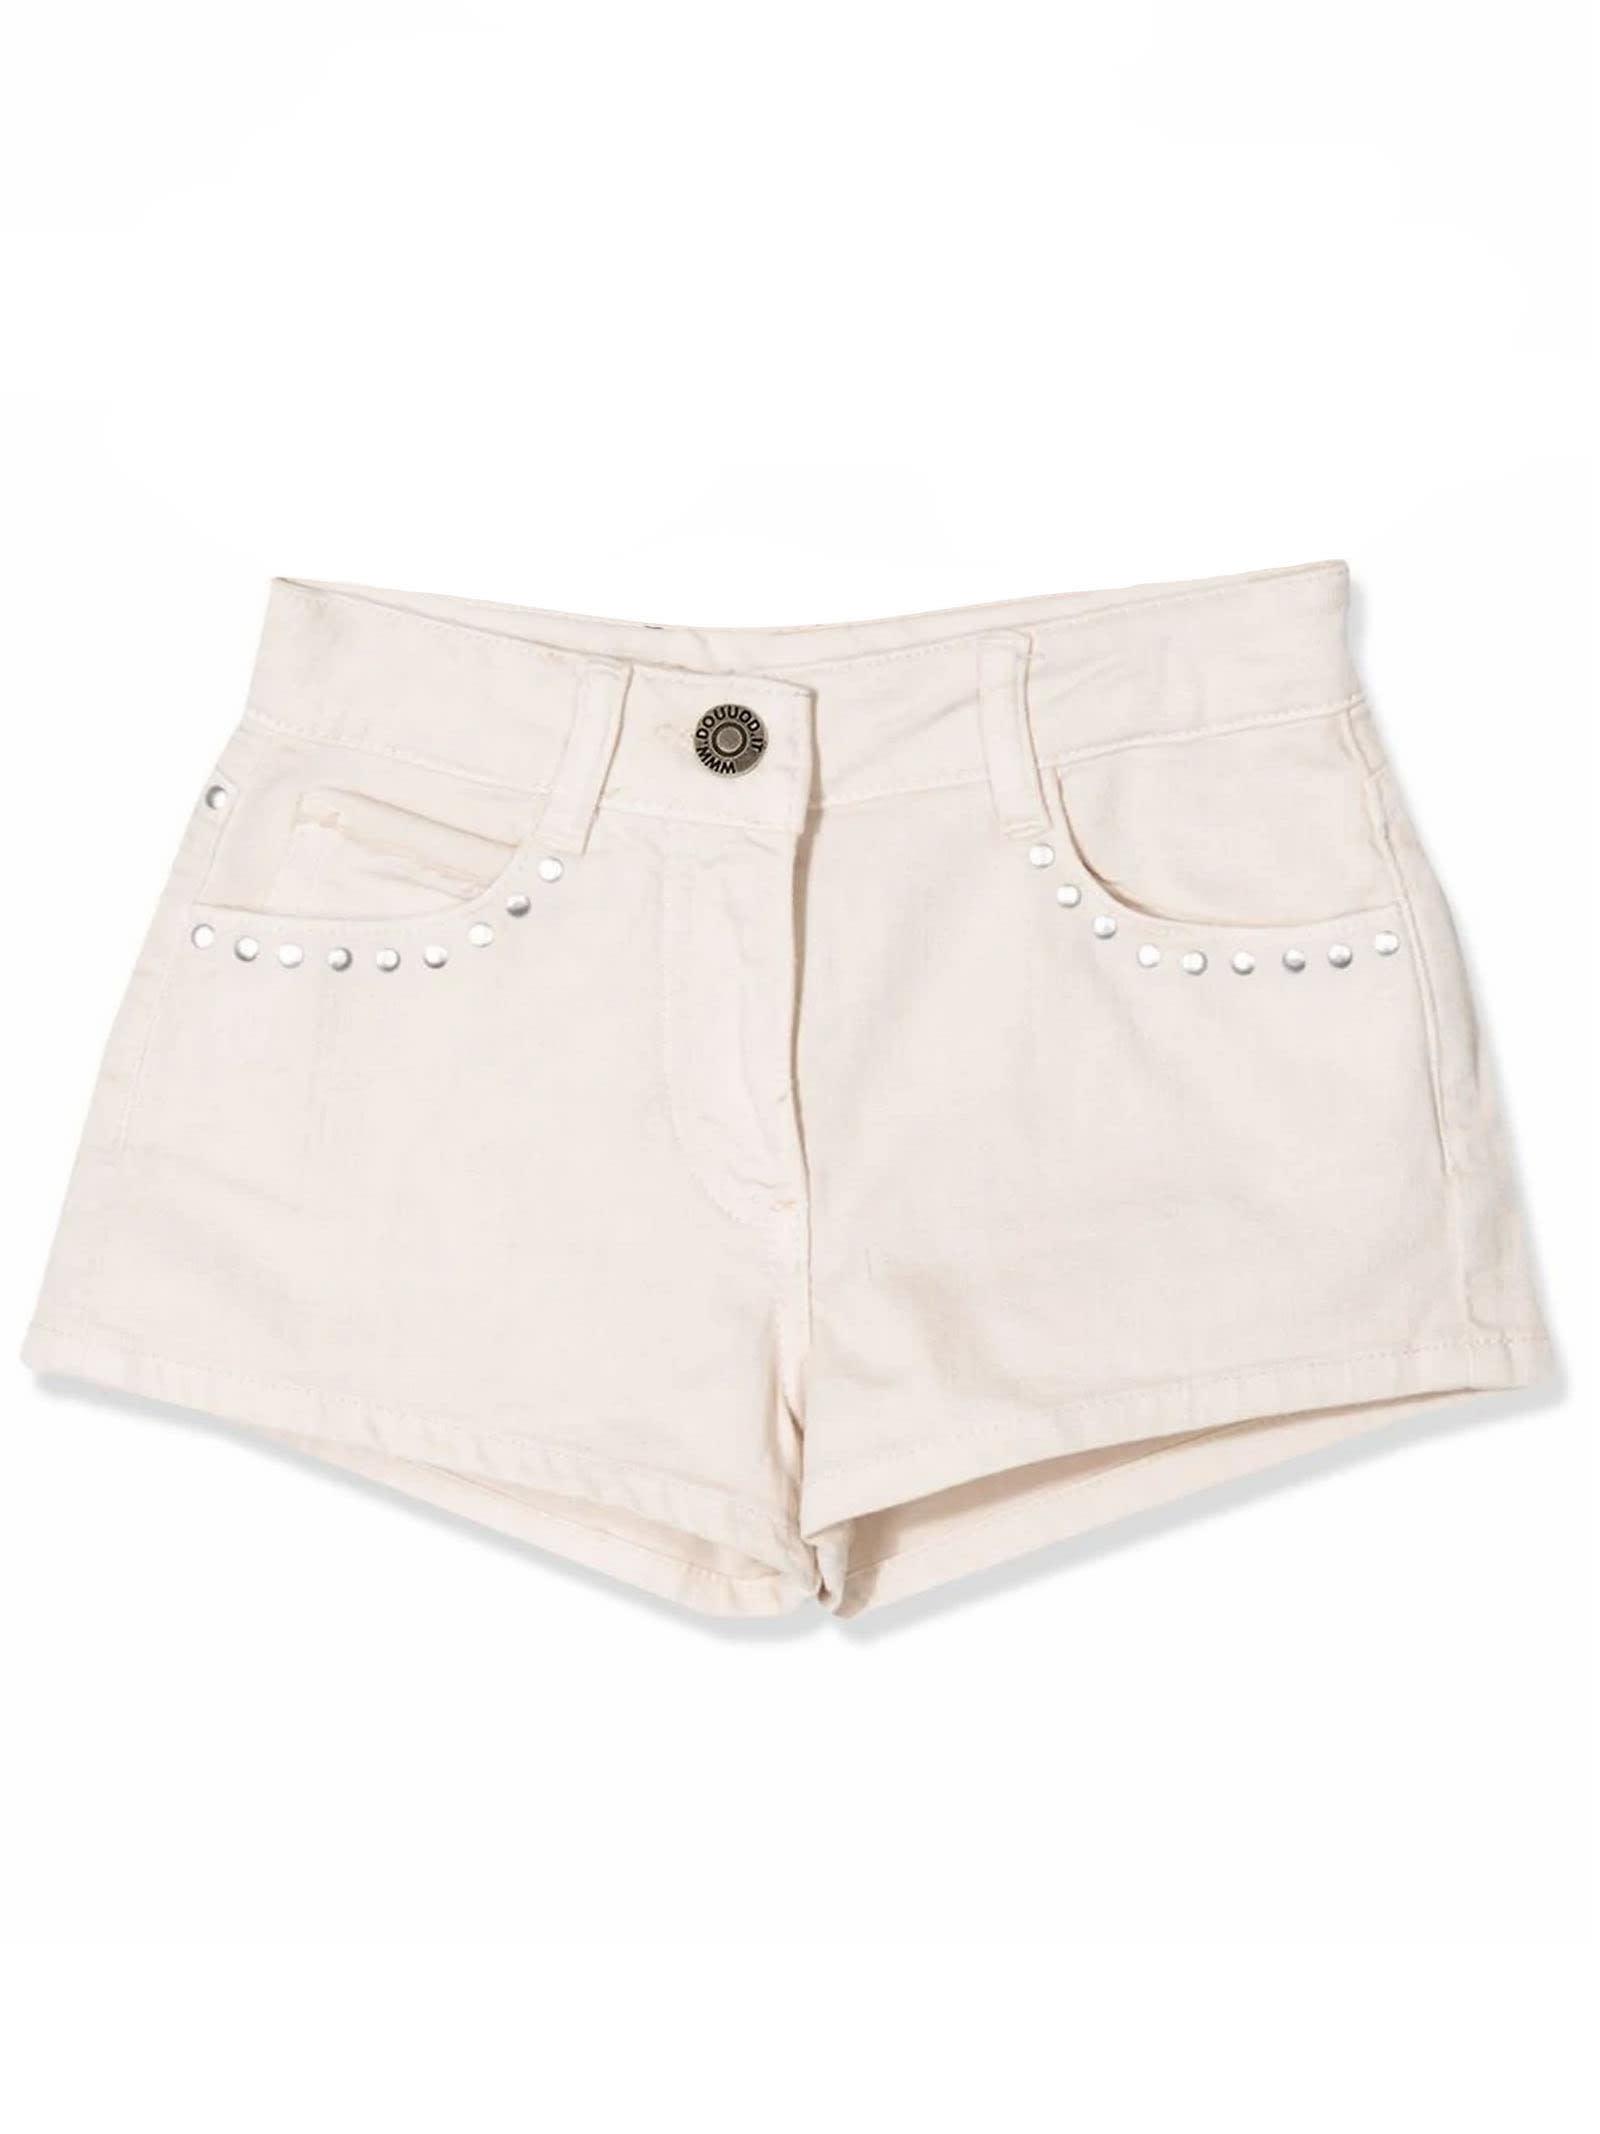 Neutral Cotton Shorts